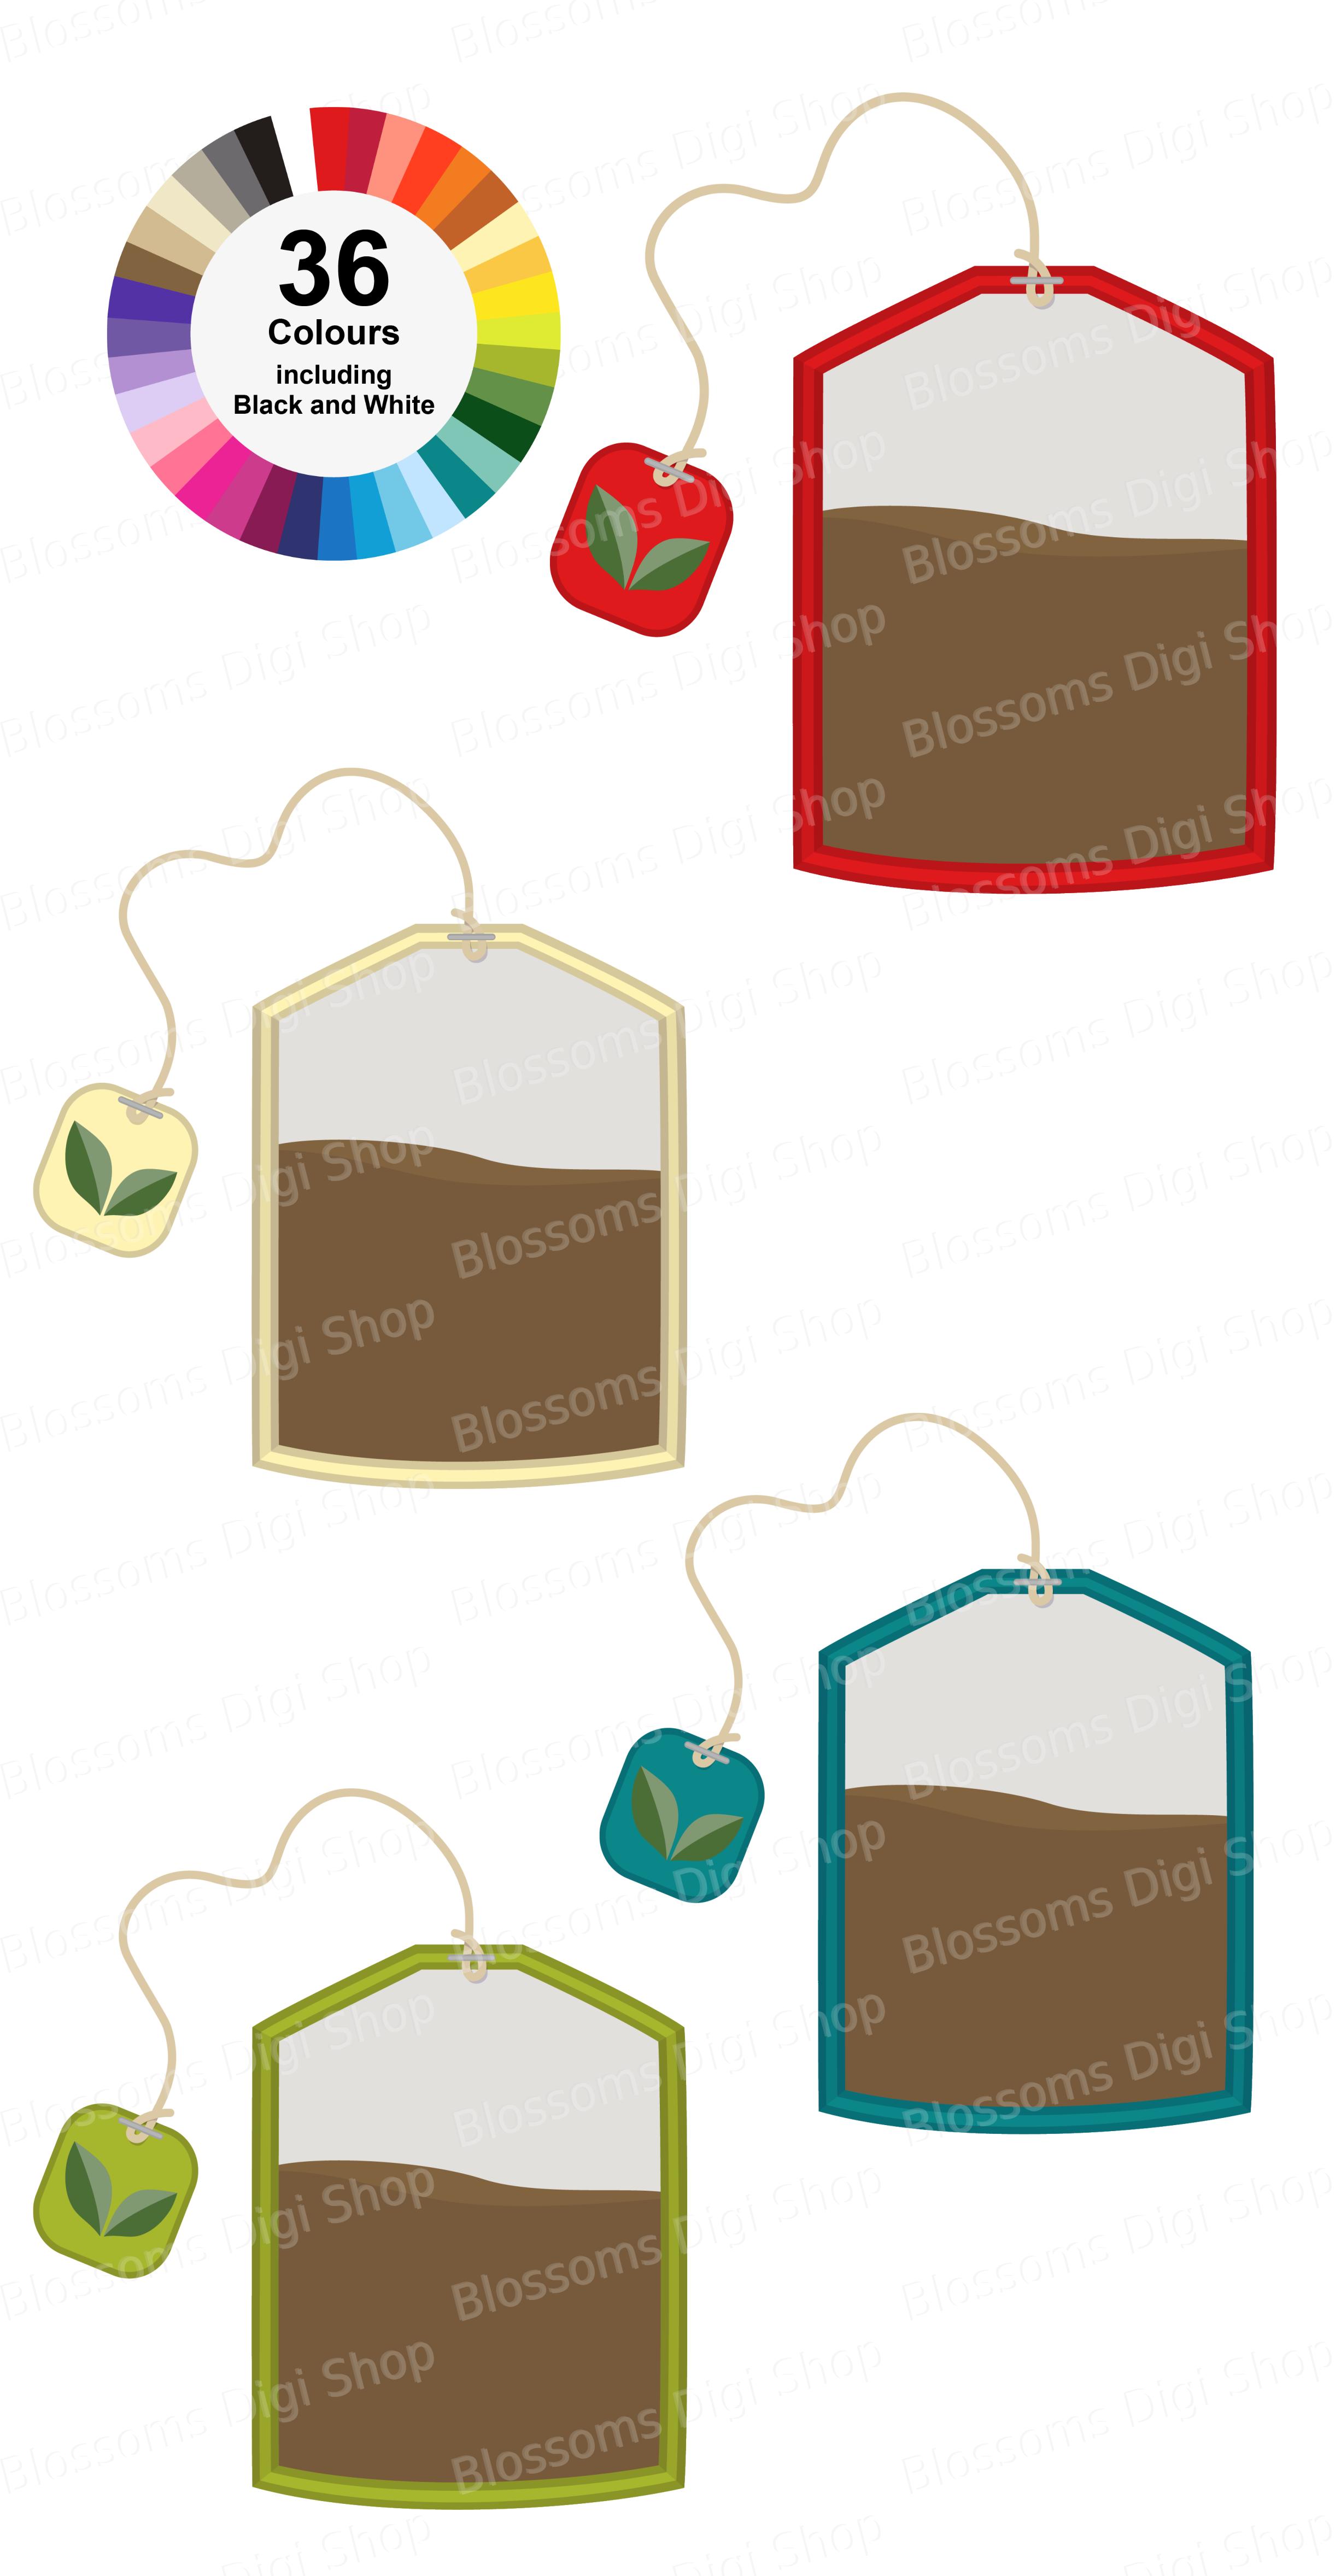 Tea Bag Clipart Teabag Png Digital Download Planner Etsy Clip Art Tea Journal Etsy Download